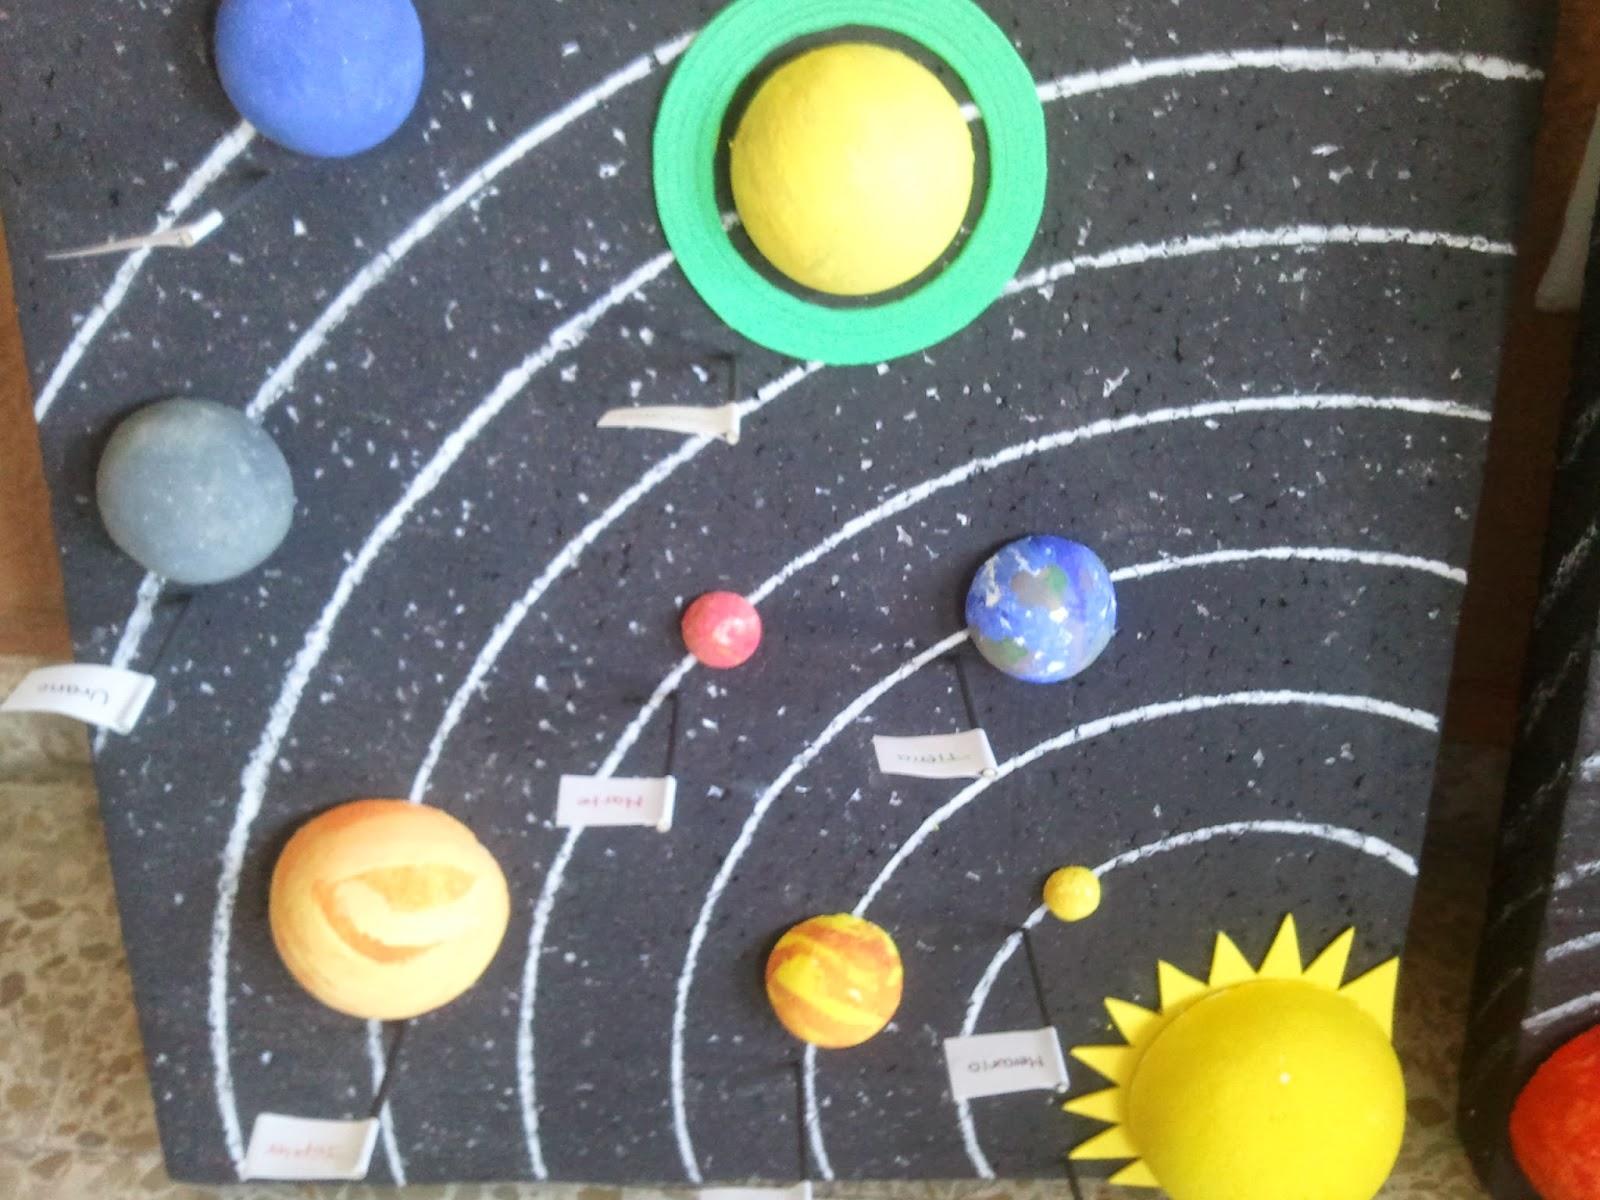 Mareainclusiva Tema 7 El Universo Maquetas Del Universo